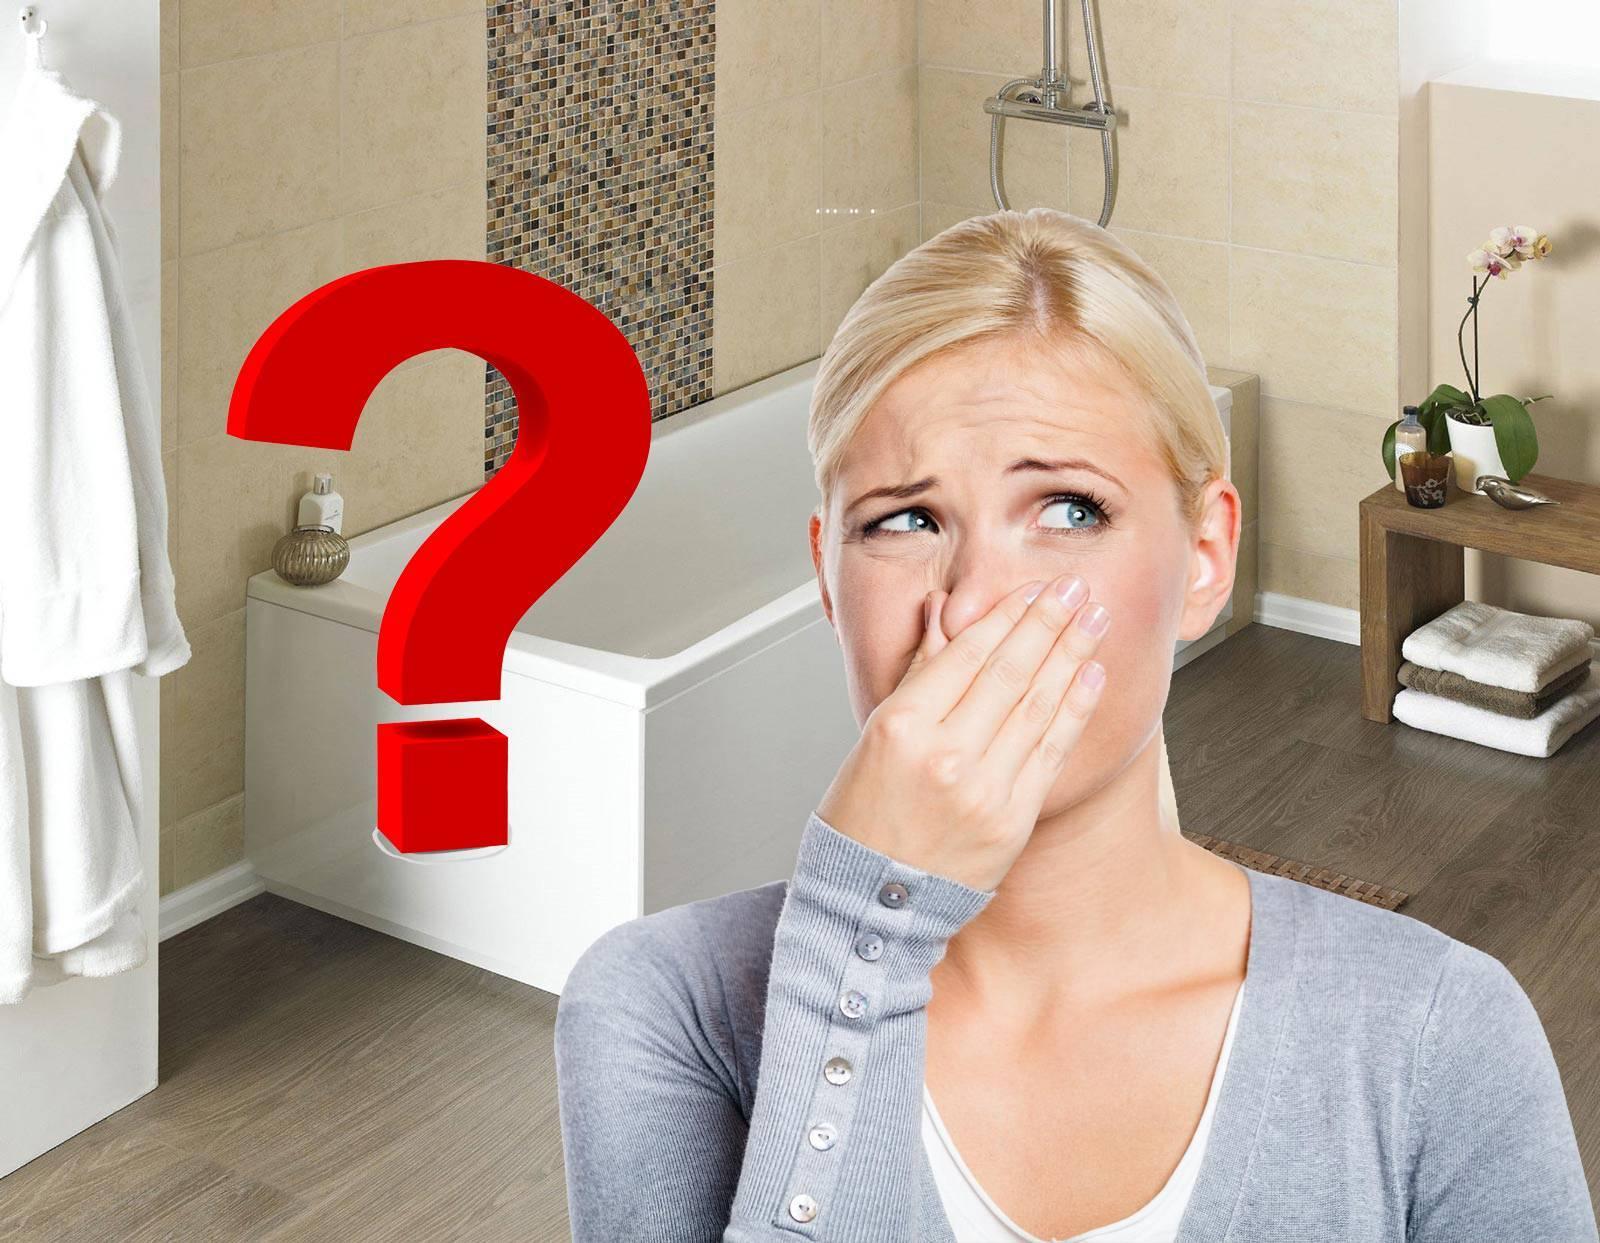 Причины появления и методы избавиться от неприятного запаха канализации в туалете